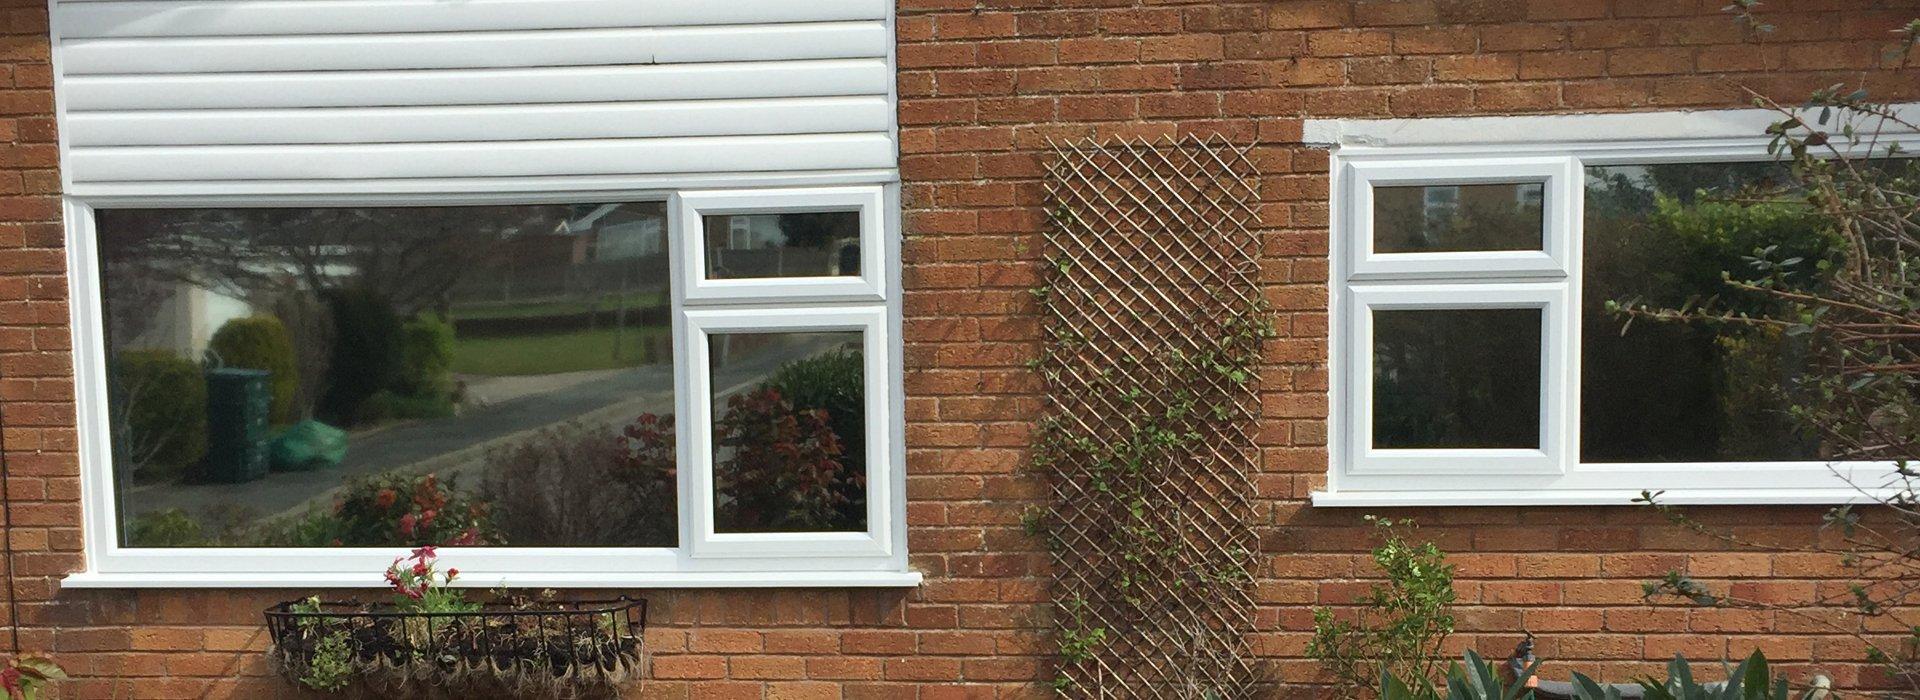 Quality glazing for windows